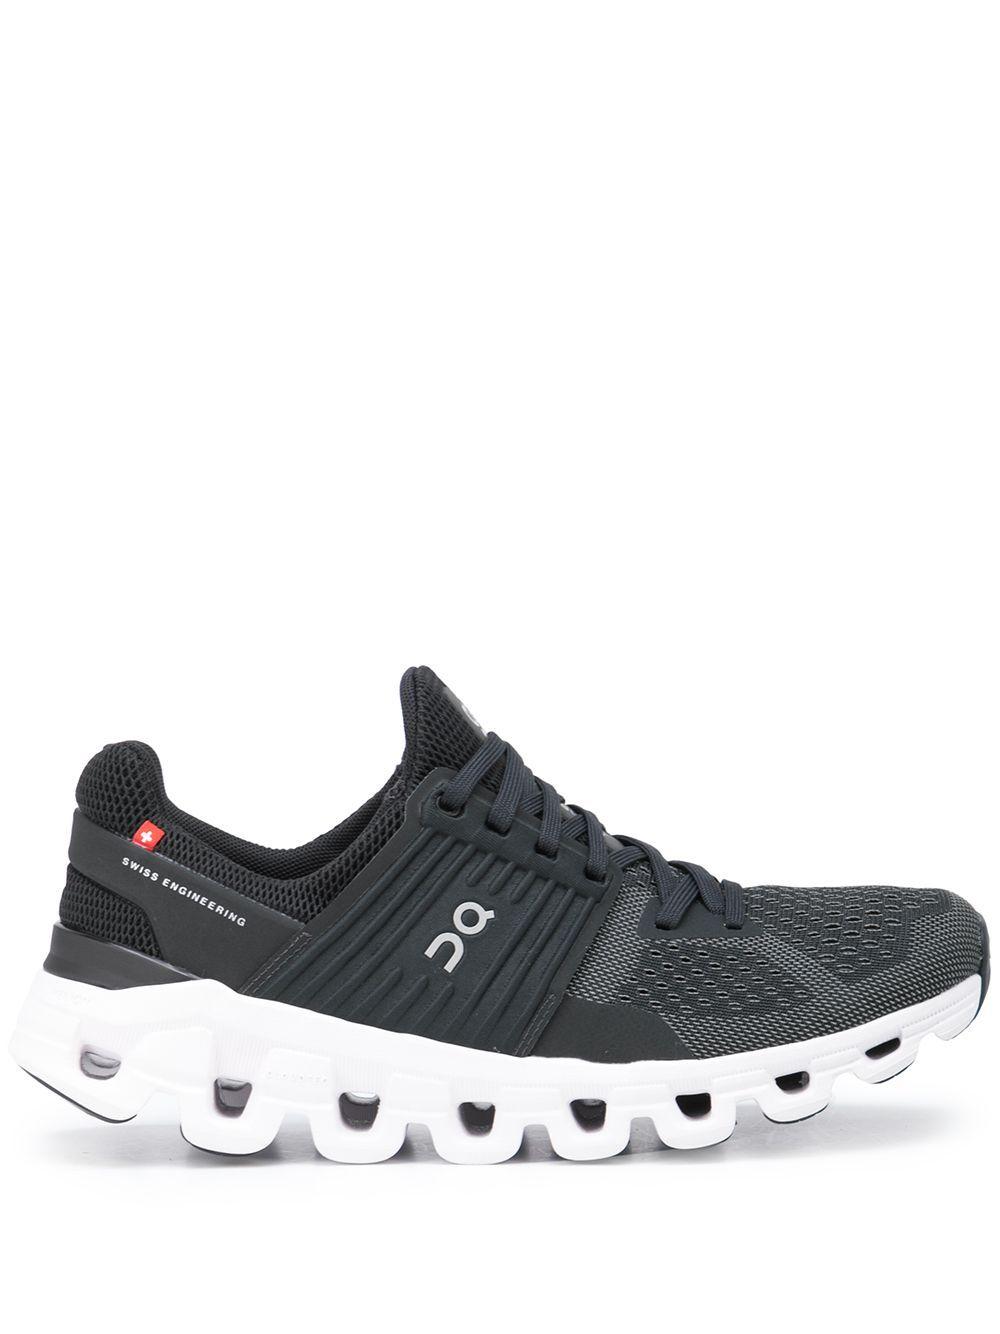 Cloud x sneakers